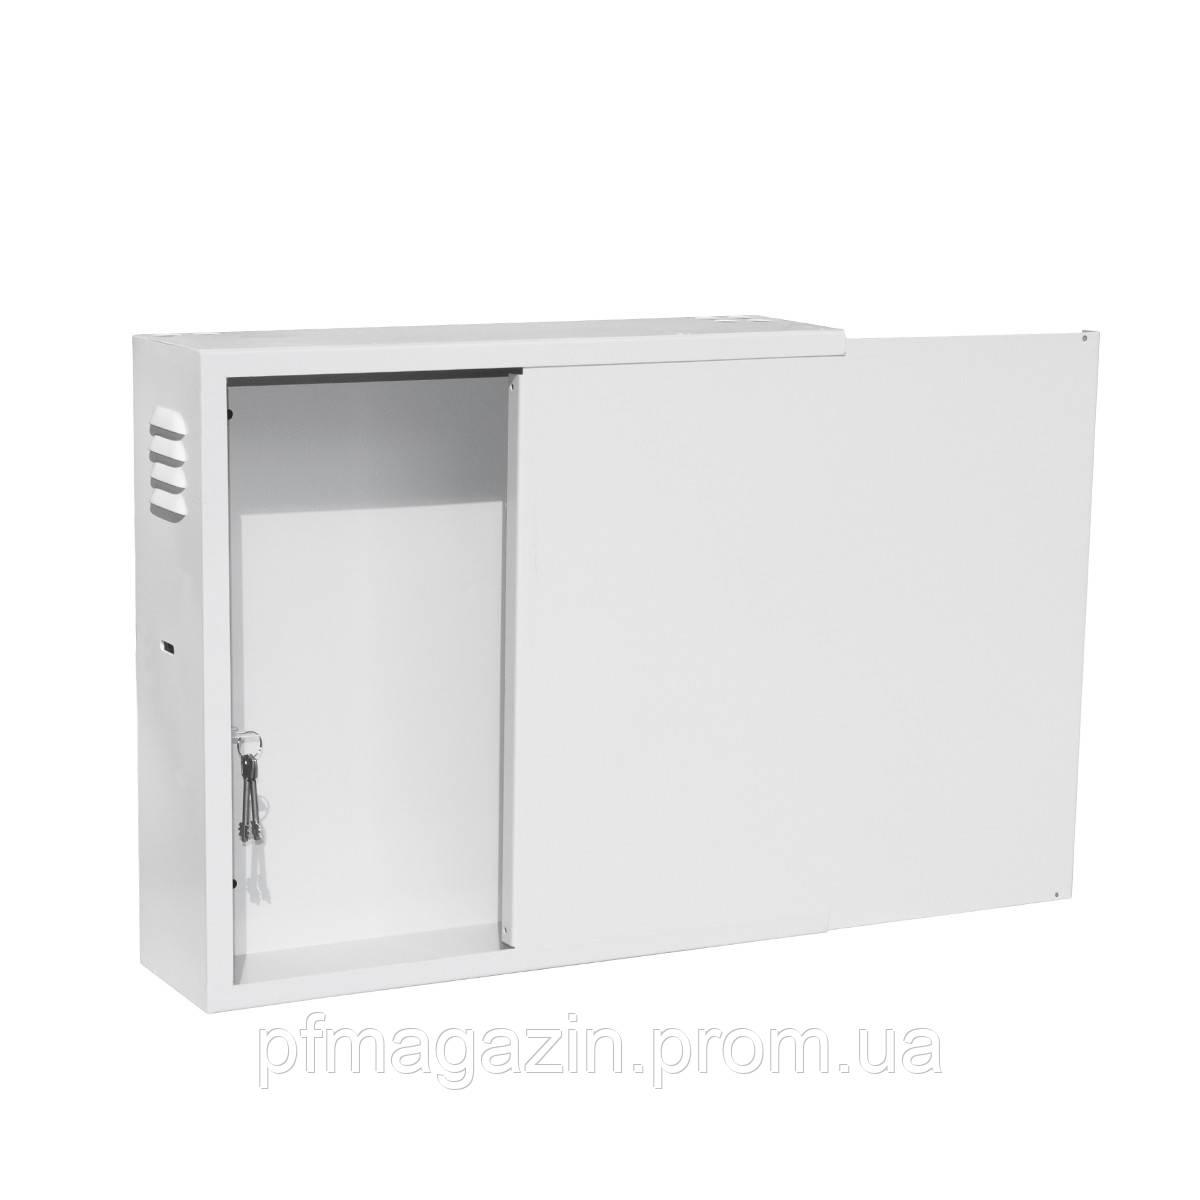 Антивандальний ящик БК-550-З-1-2U (ВхШхГ 500х550х150)